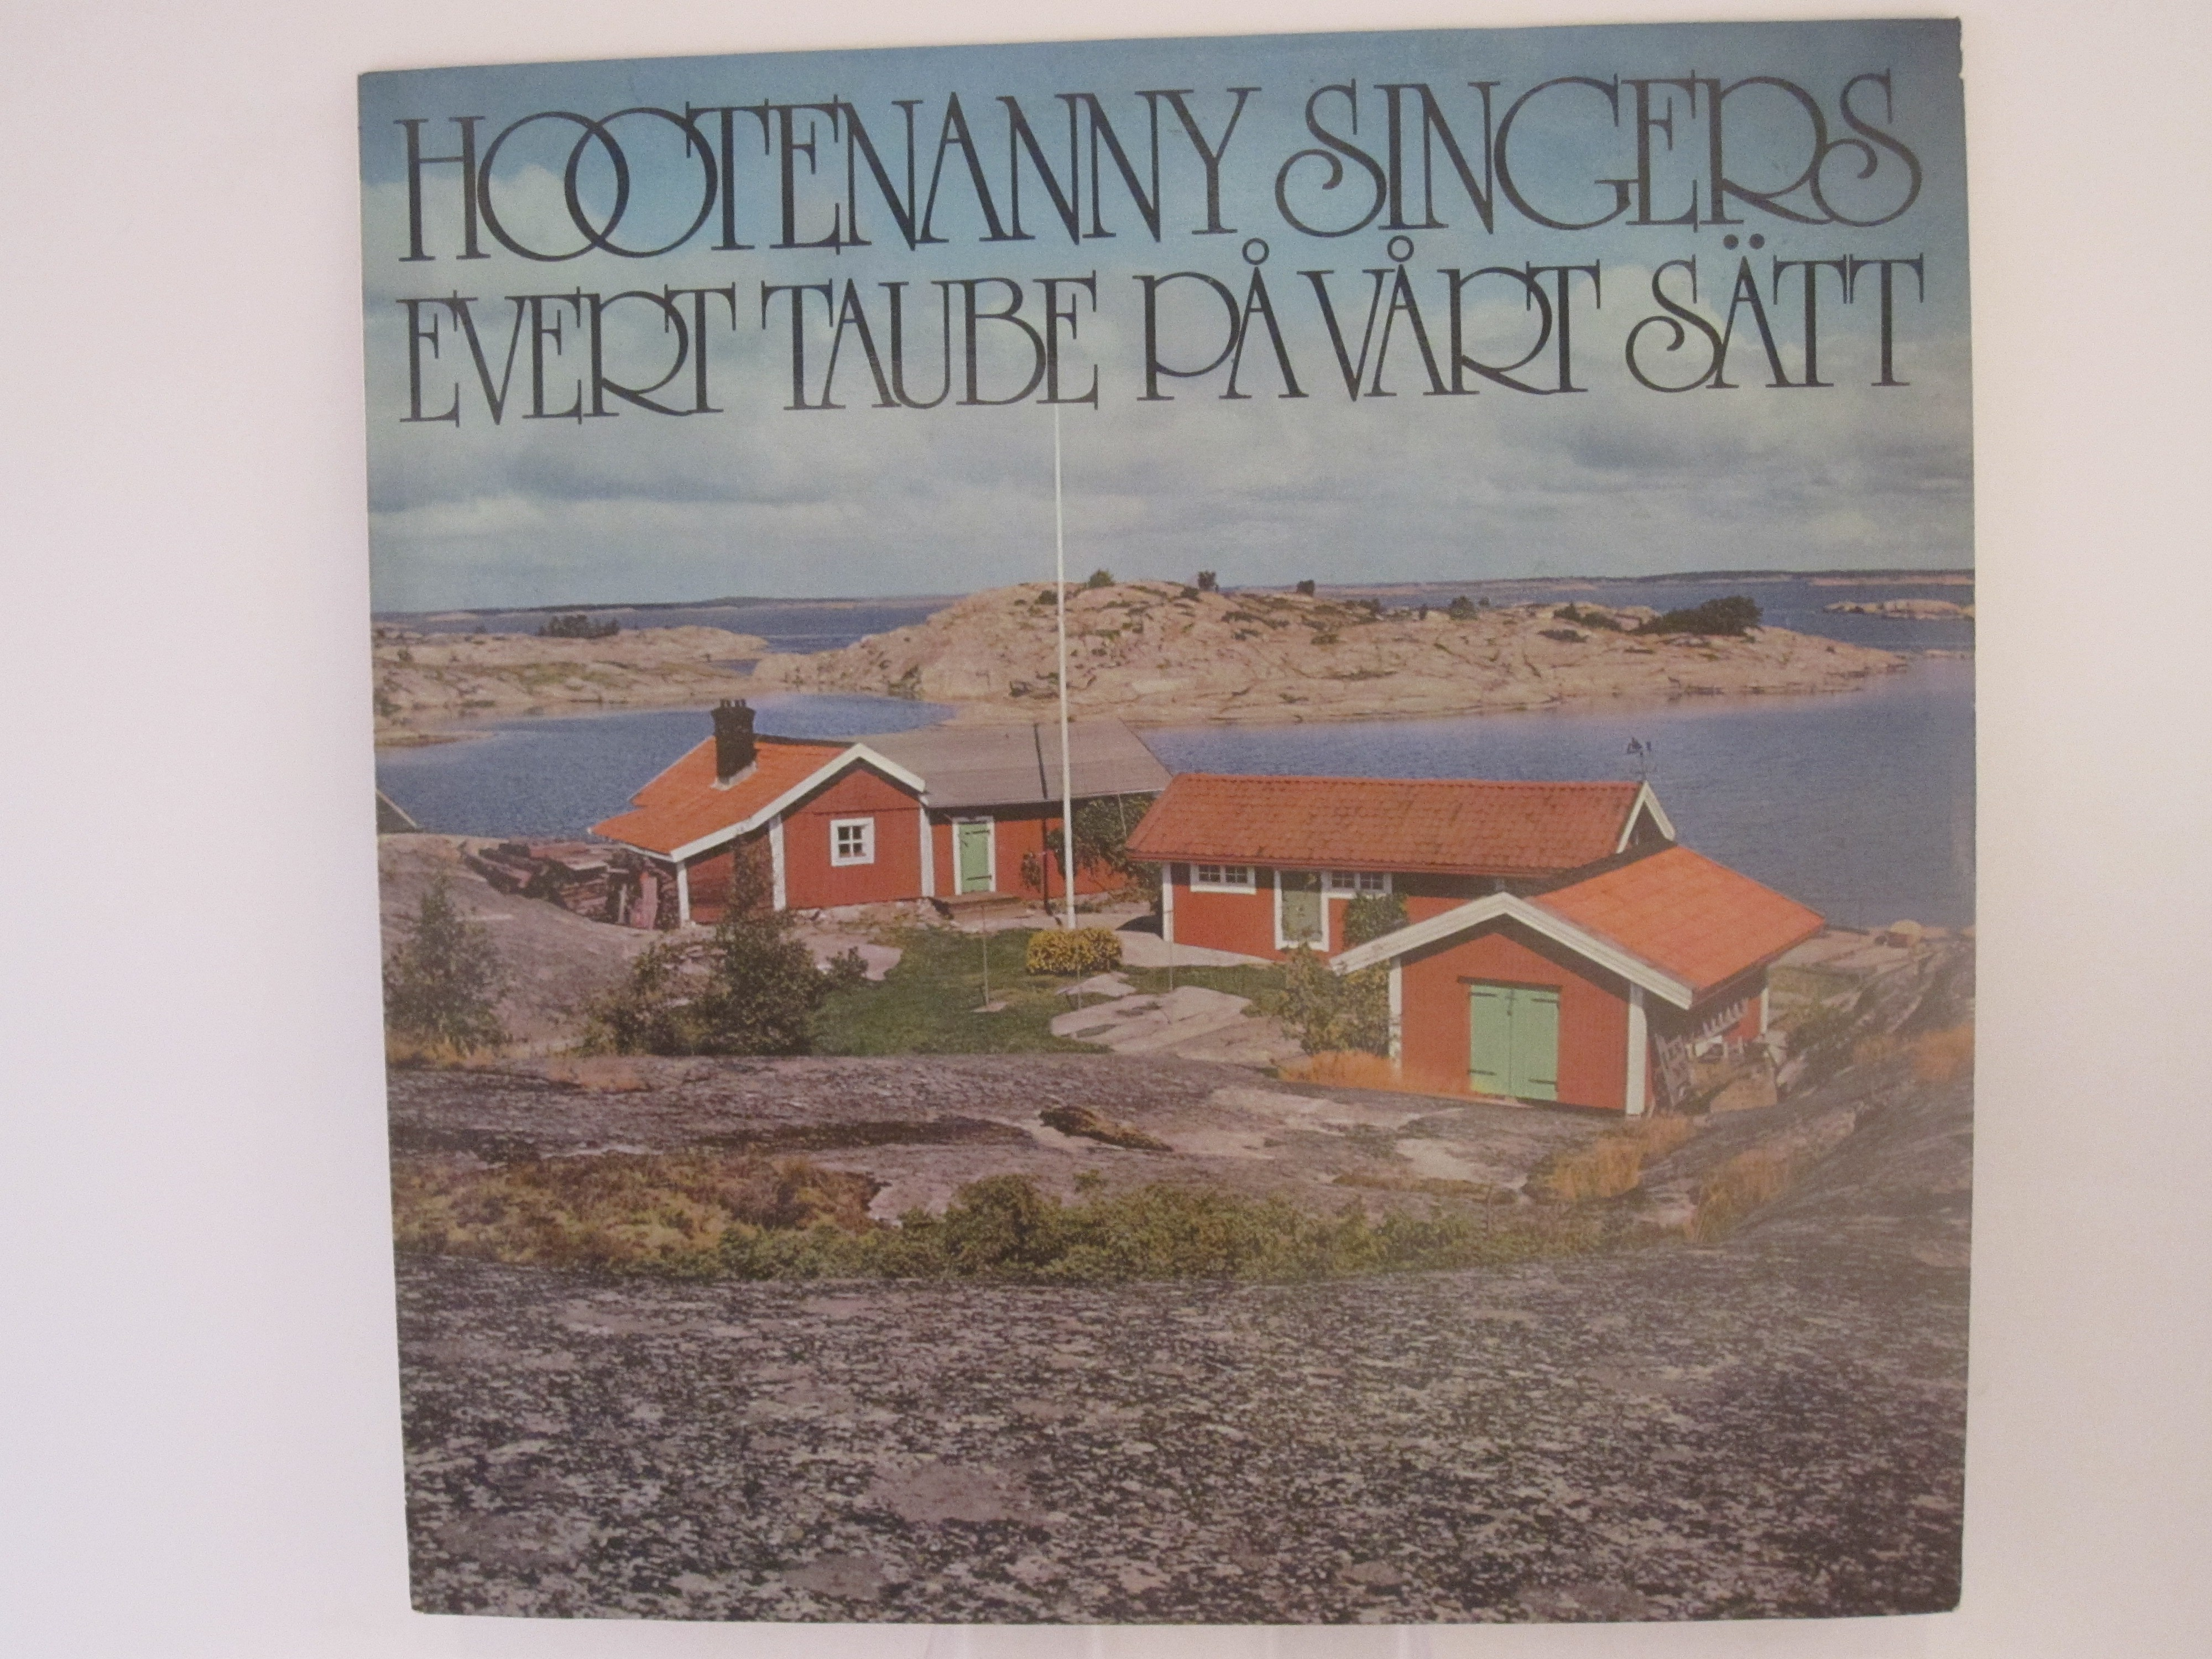 """HOOTENANNY SINGERS : """"Evert Taube på vårt sätt"""""""